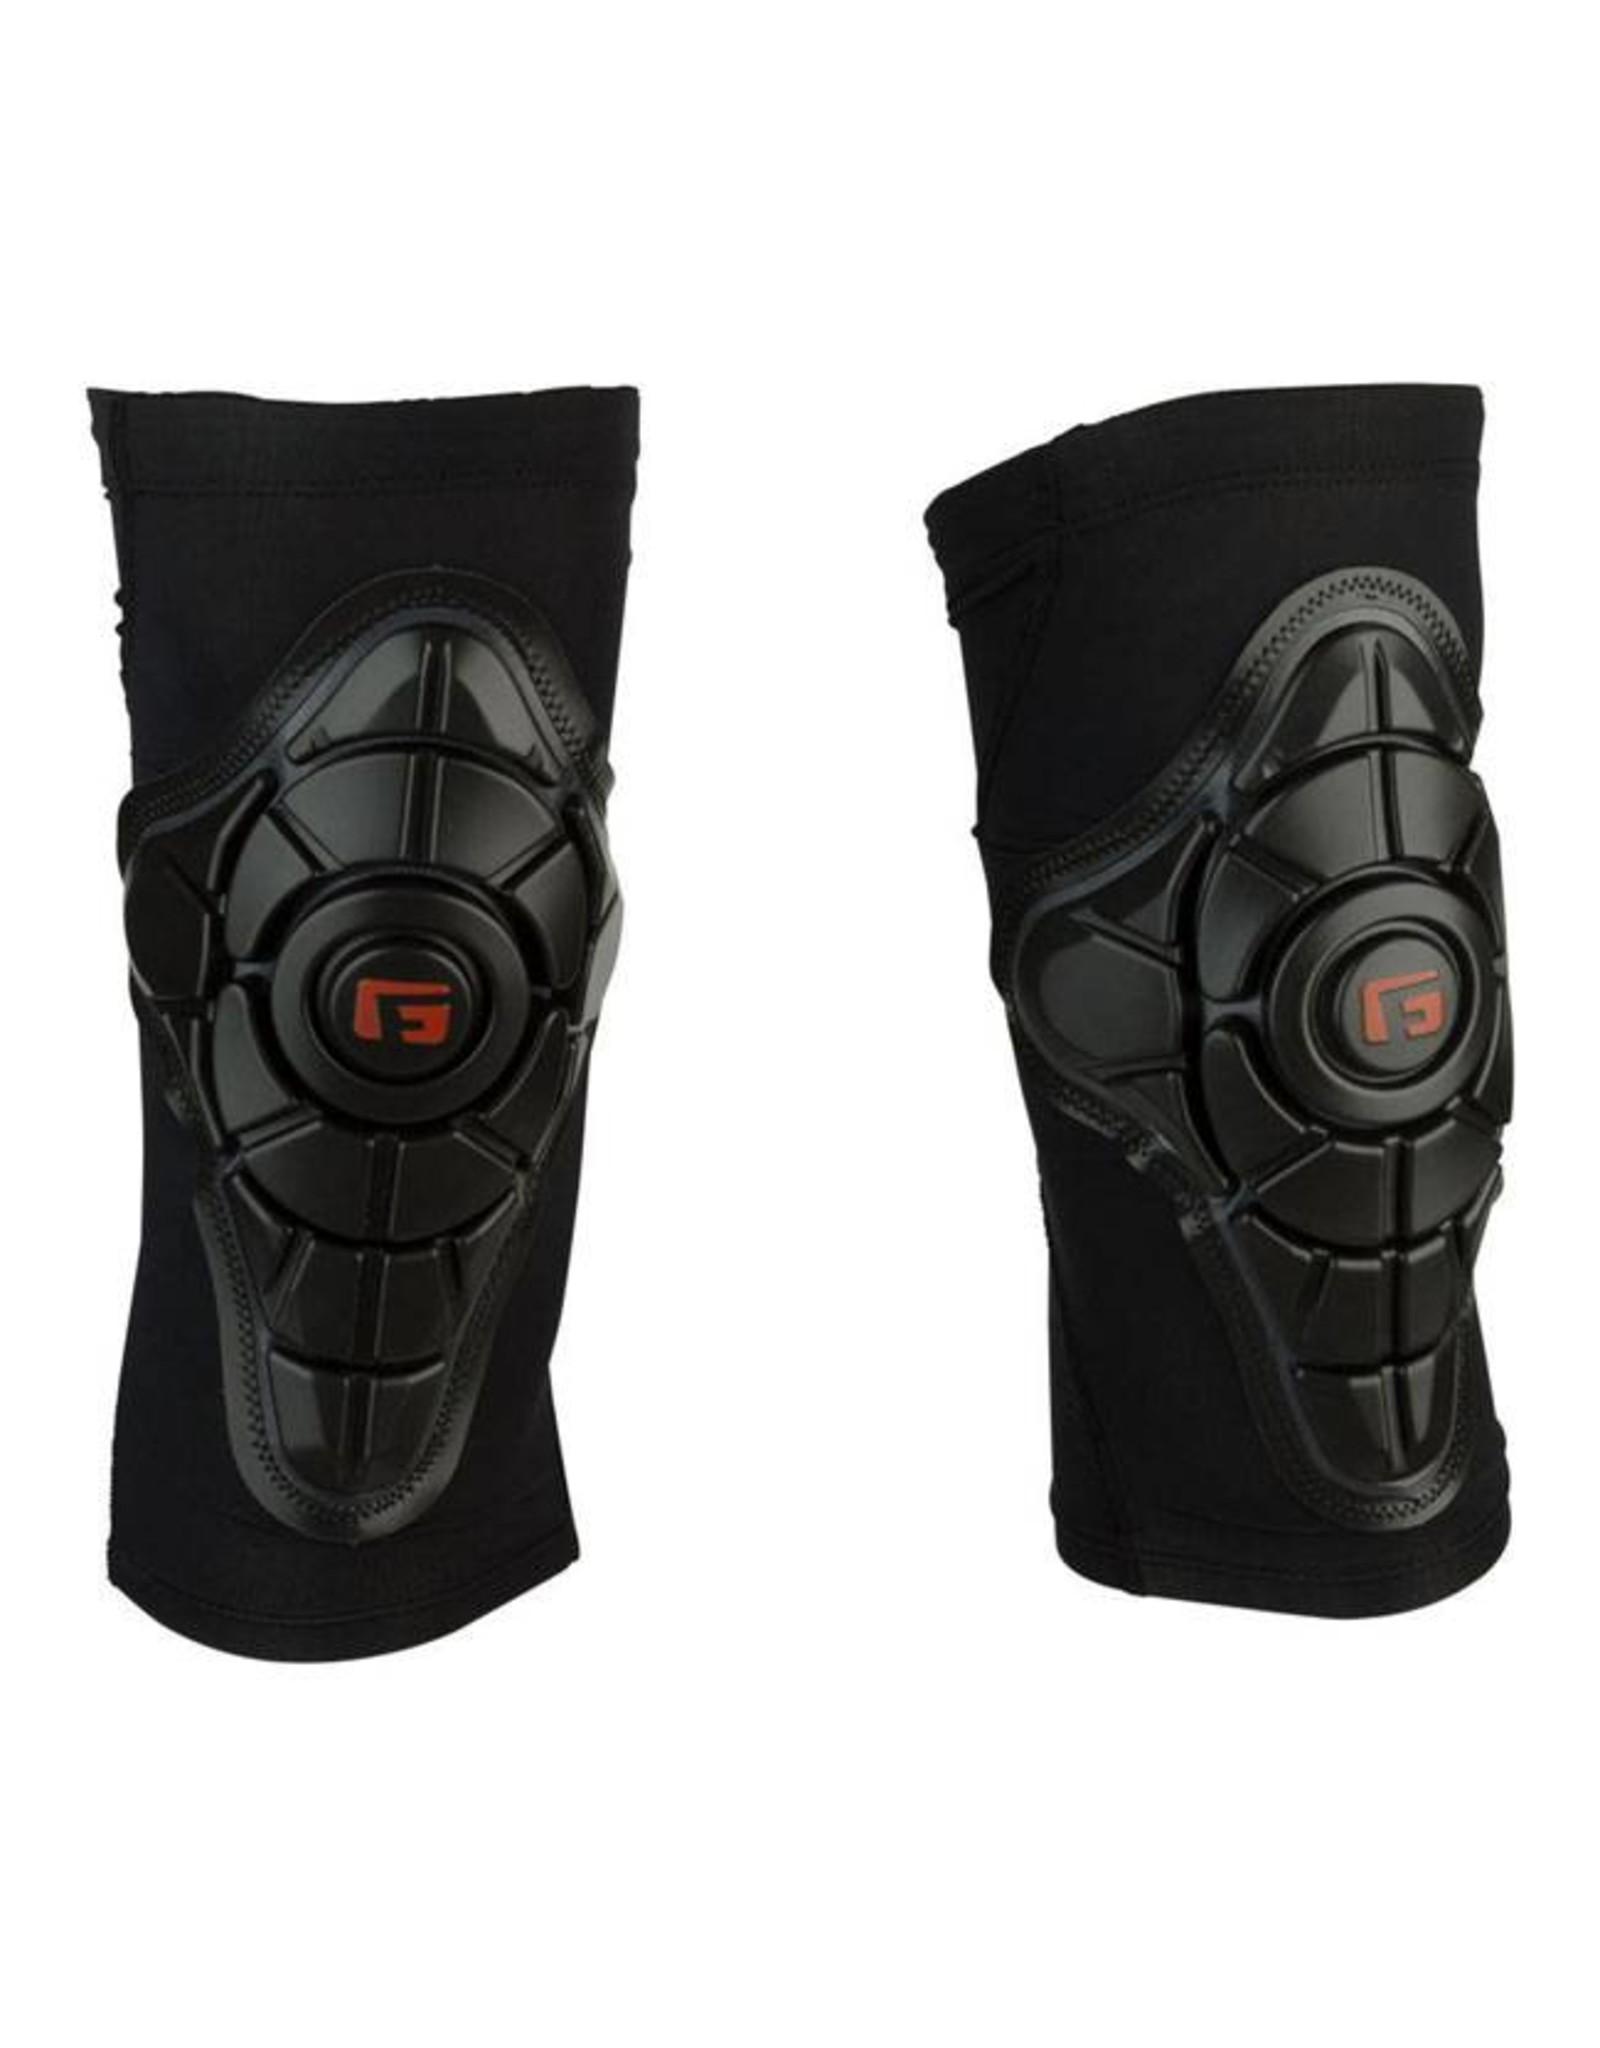 G-Form G-Form Pro-X Knee Pad: Black, XL